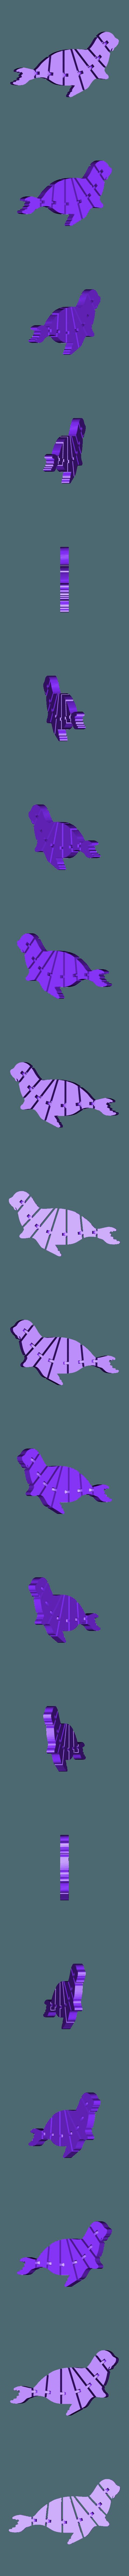 120_seehund_full.STL Télécharger fichier STL gratuit Phoque Flexi articulé pour chien de mer • Design pour impression 3D, jtronics